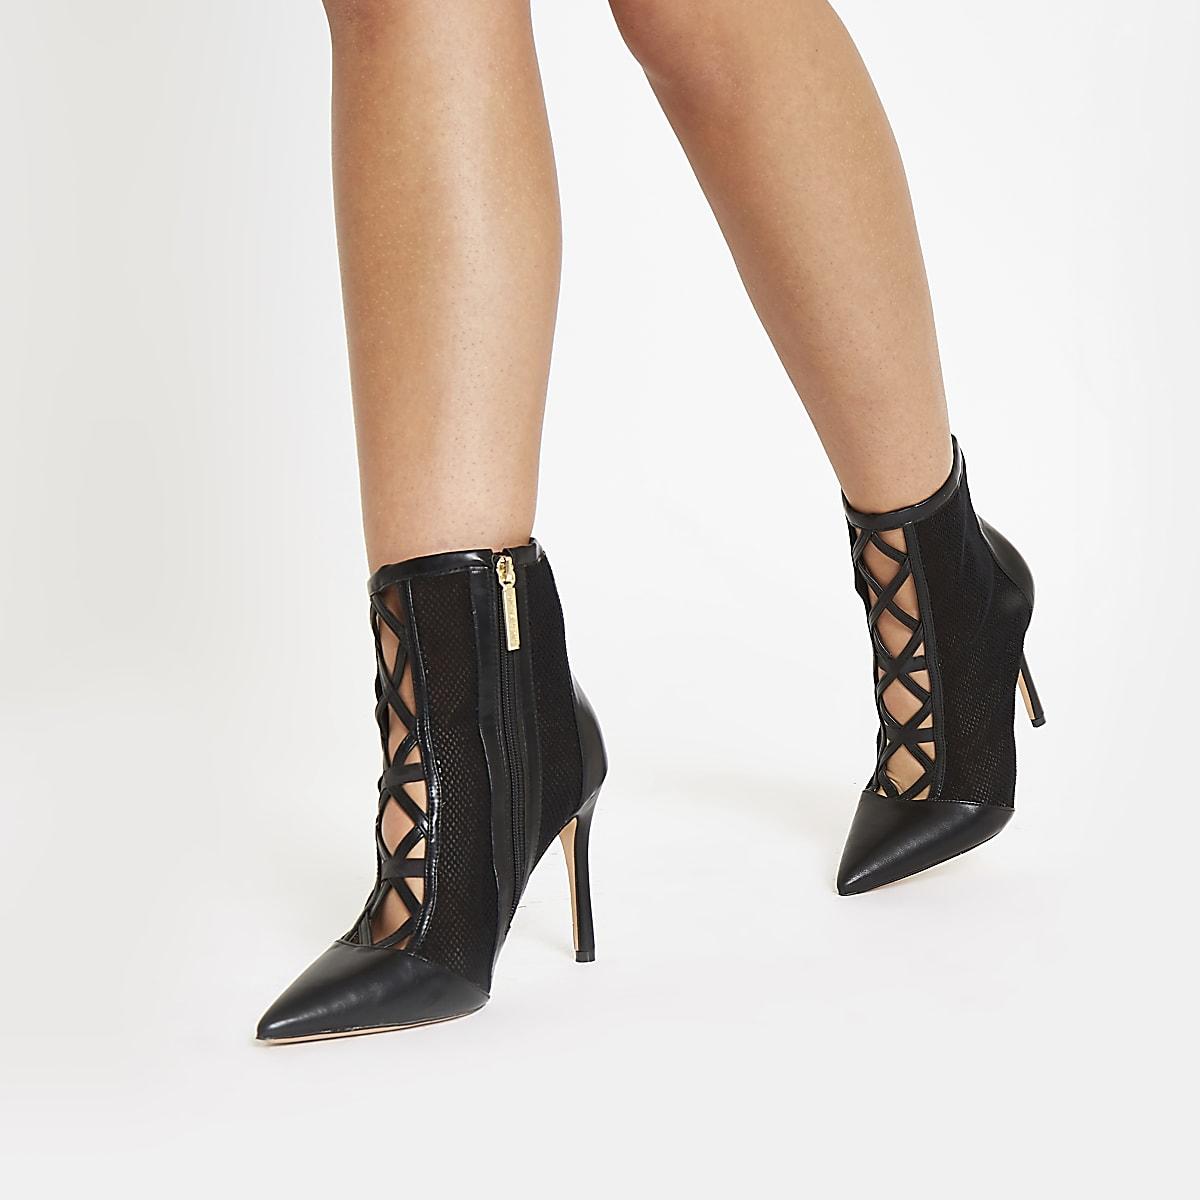 dc395dc4e703d1 Bottines à talon aiguille en tulle noir - Bottes - Chaussures ...